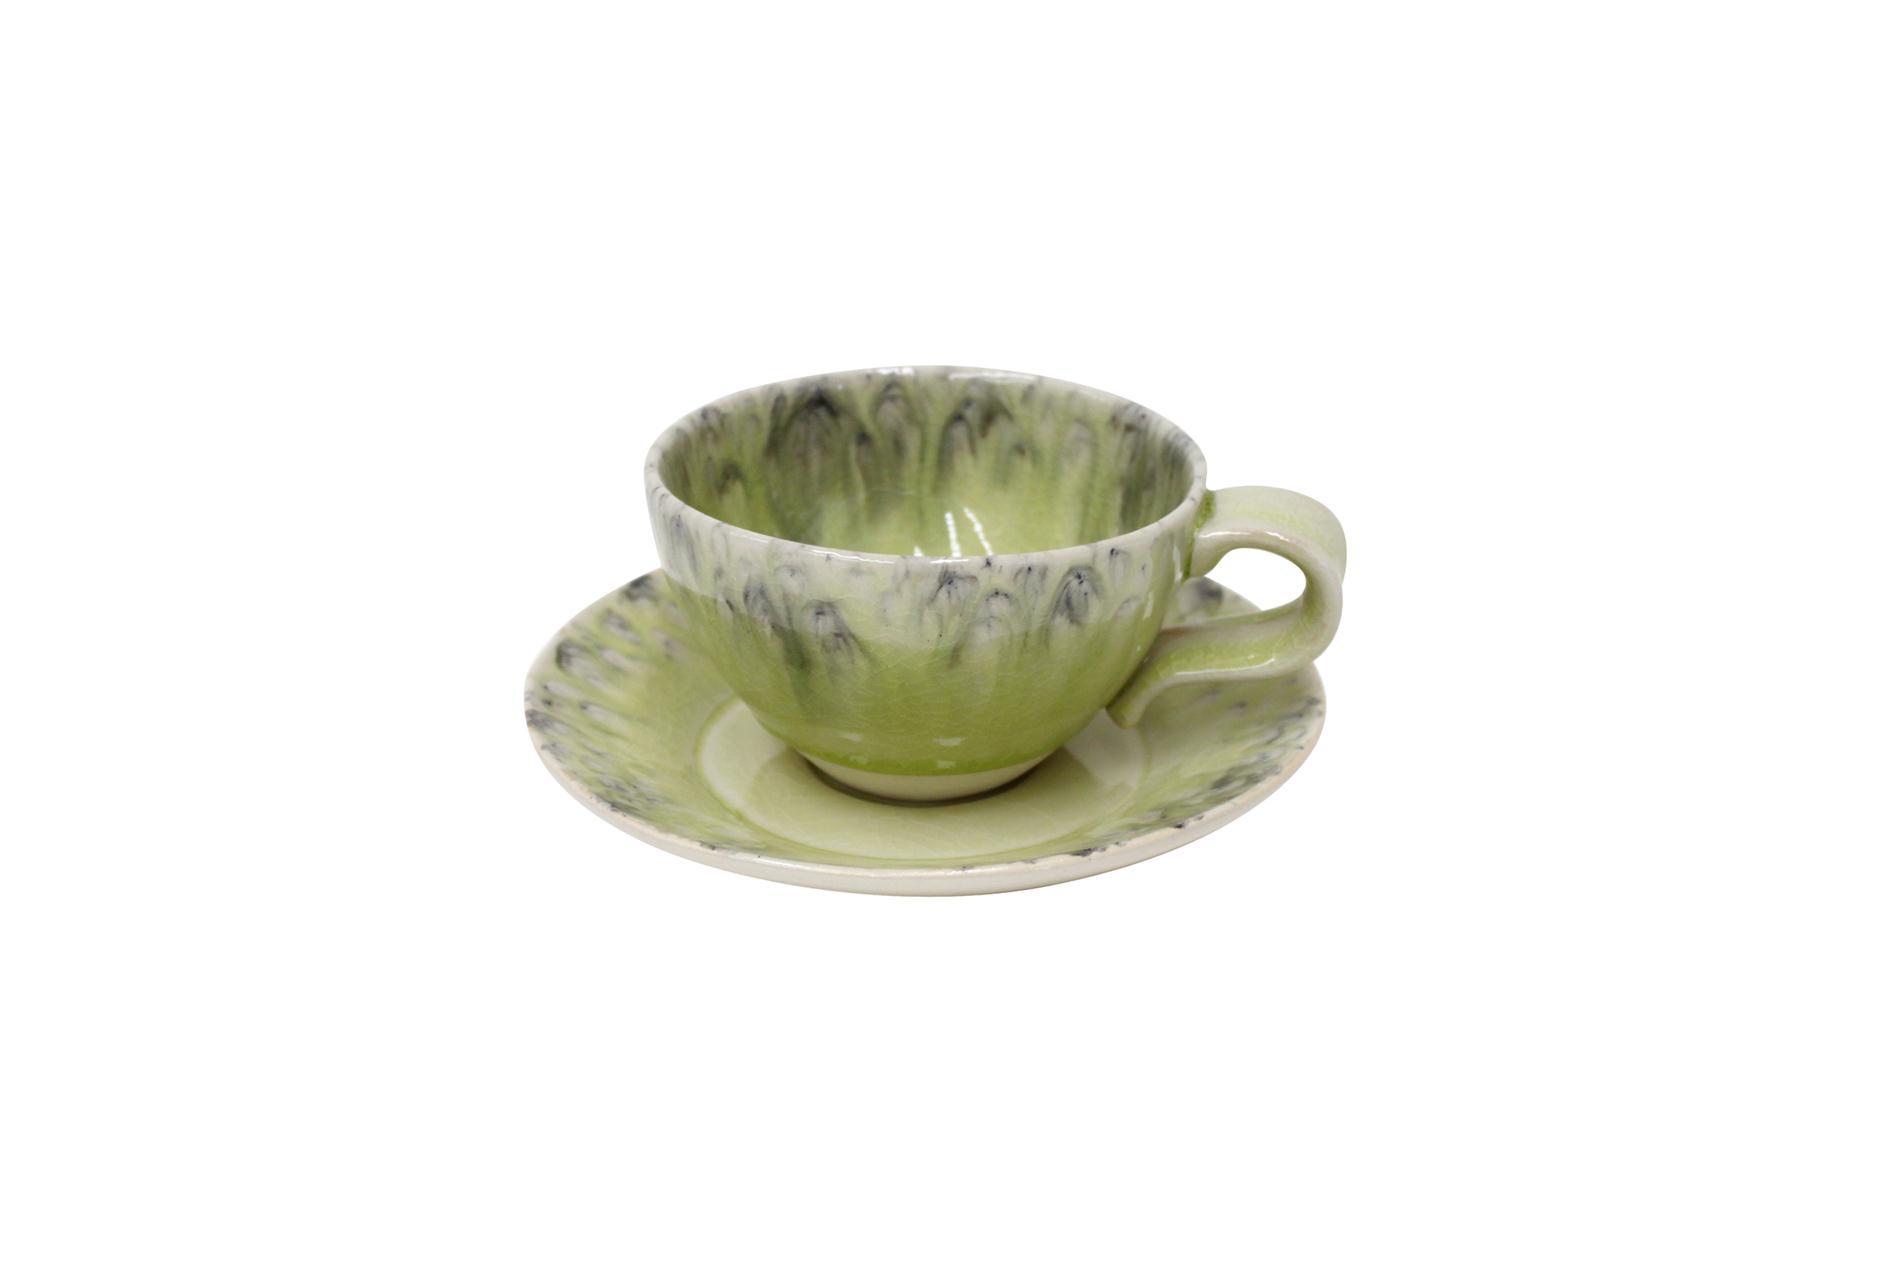 Gedeck / Kaffee / Tee 2-teilig /  Ober- und Untertasse, Madeira, grün